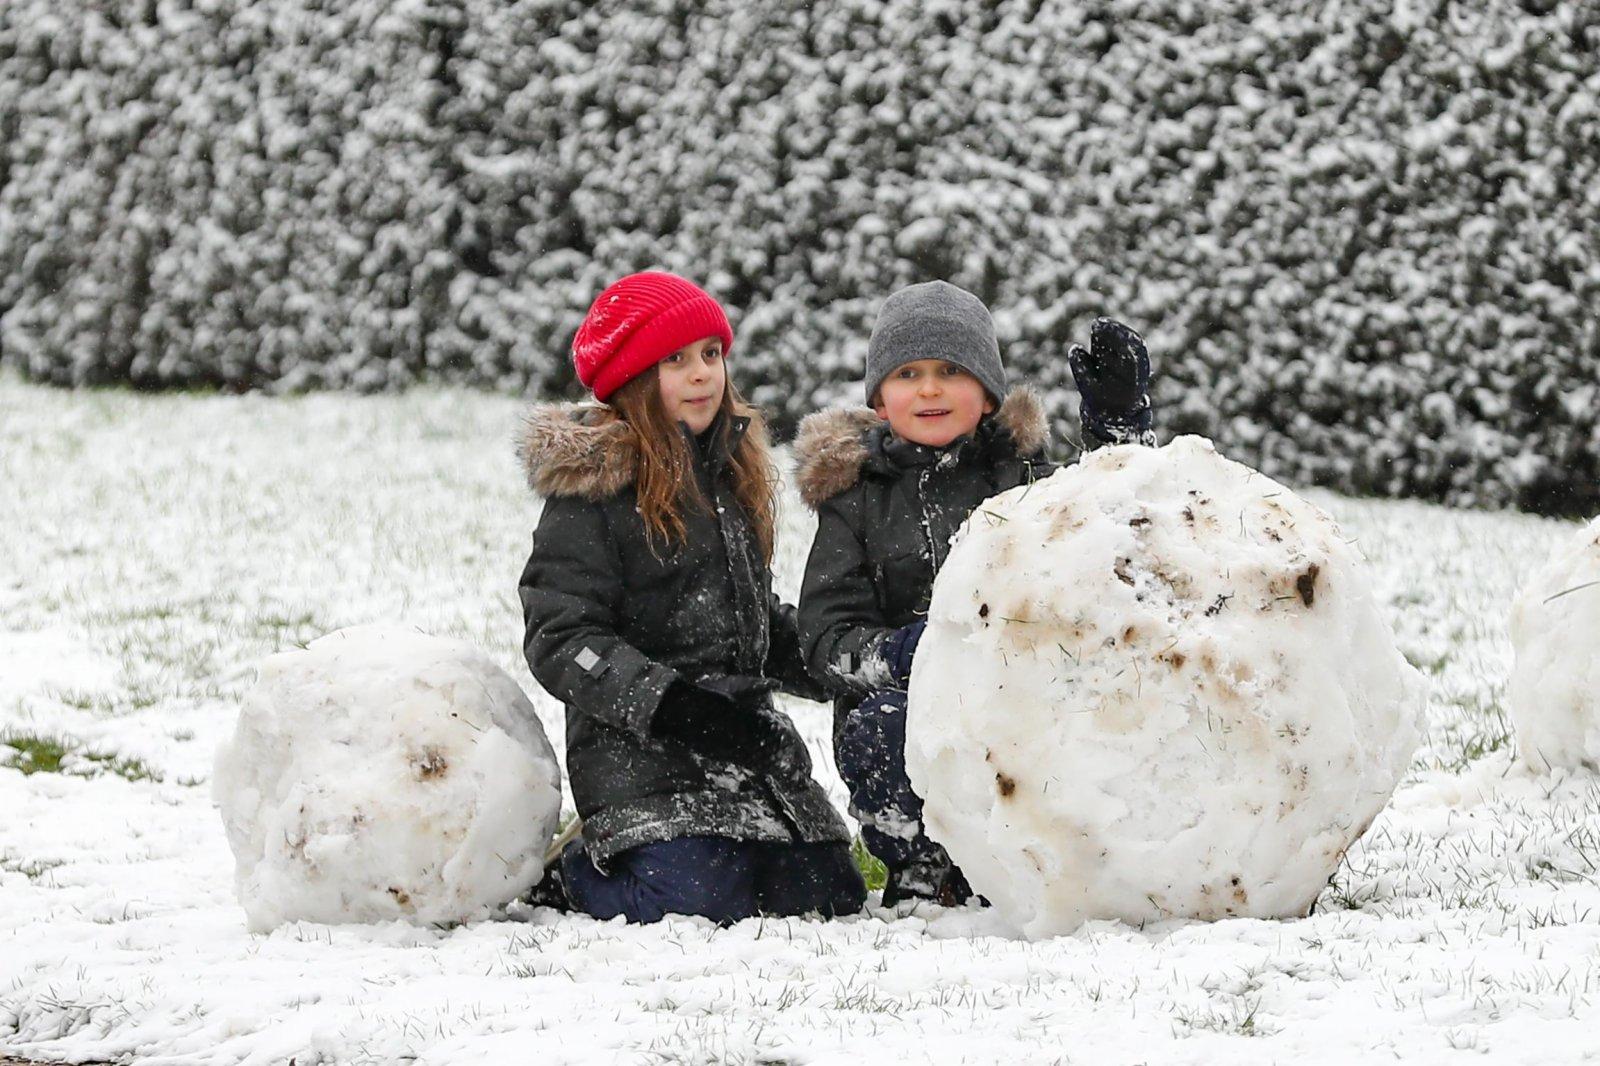 孩子們在比利時布魯塞爾的五十週年紀念公園玩雪。